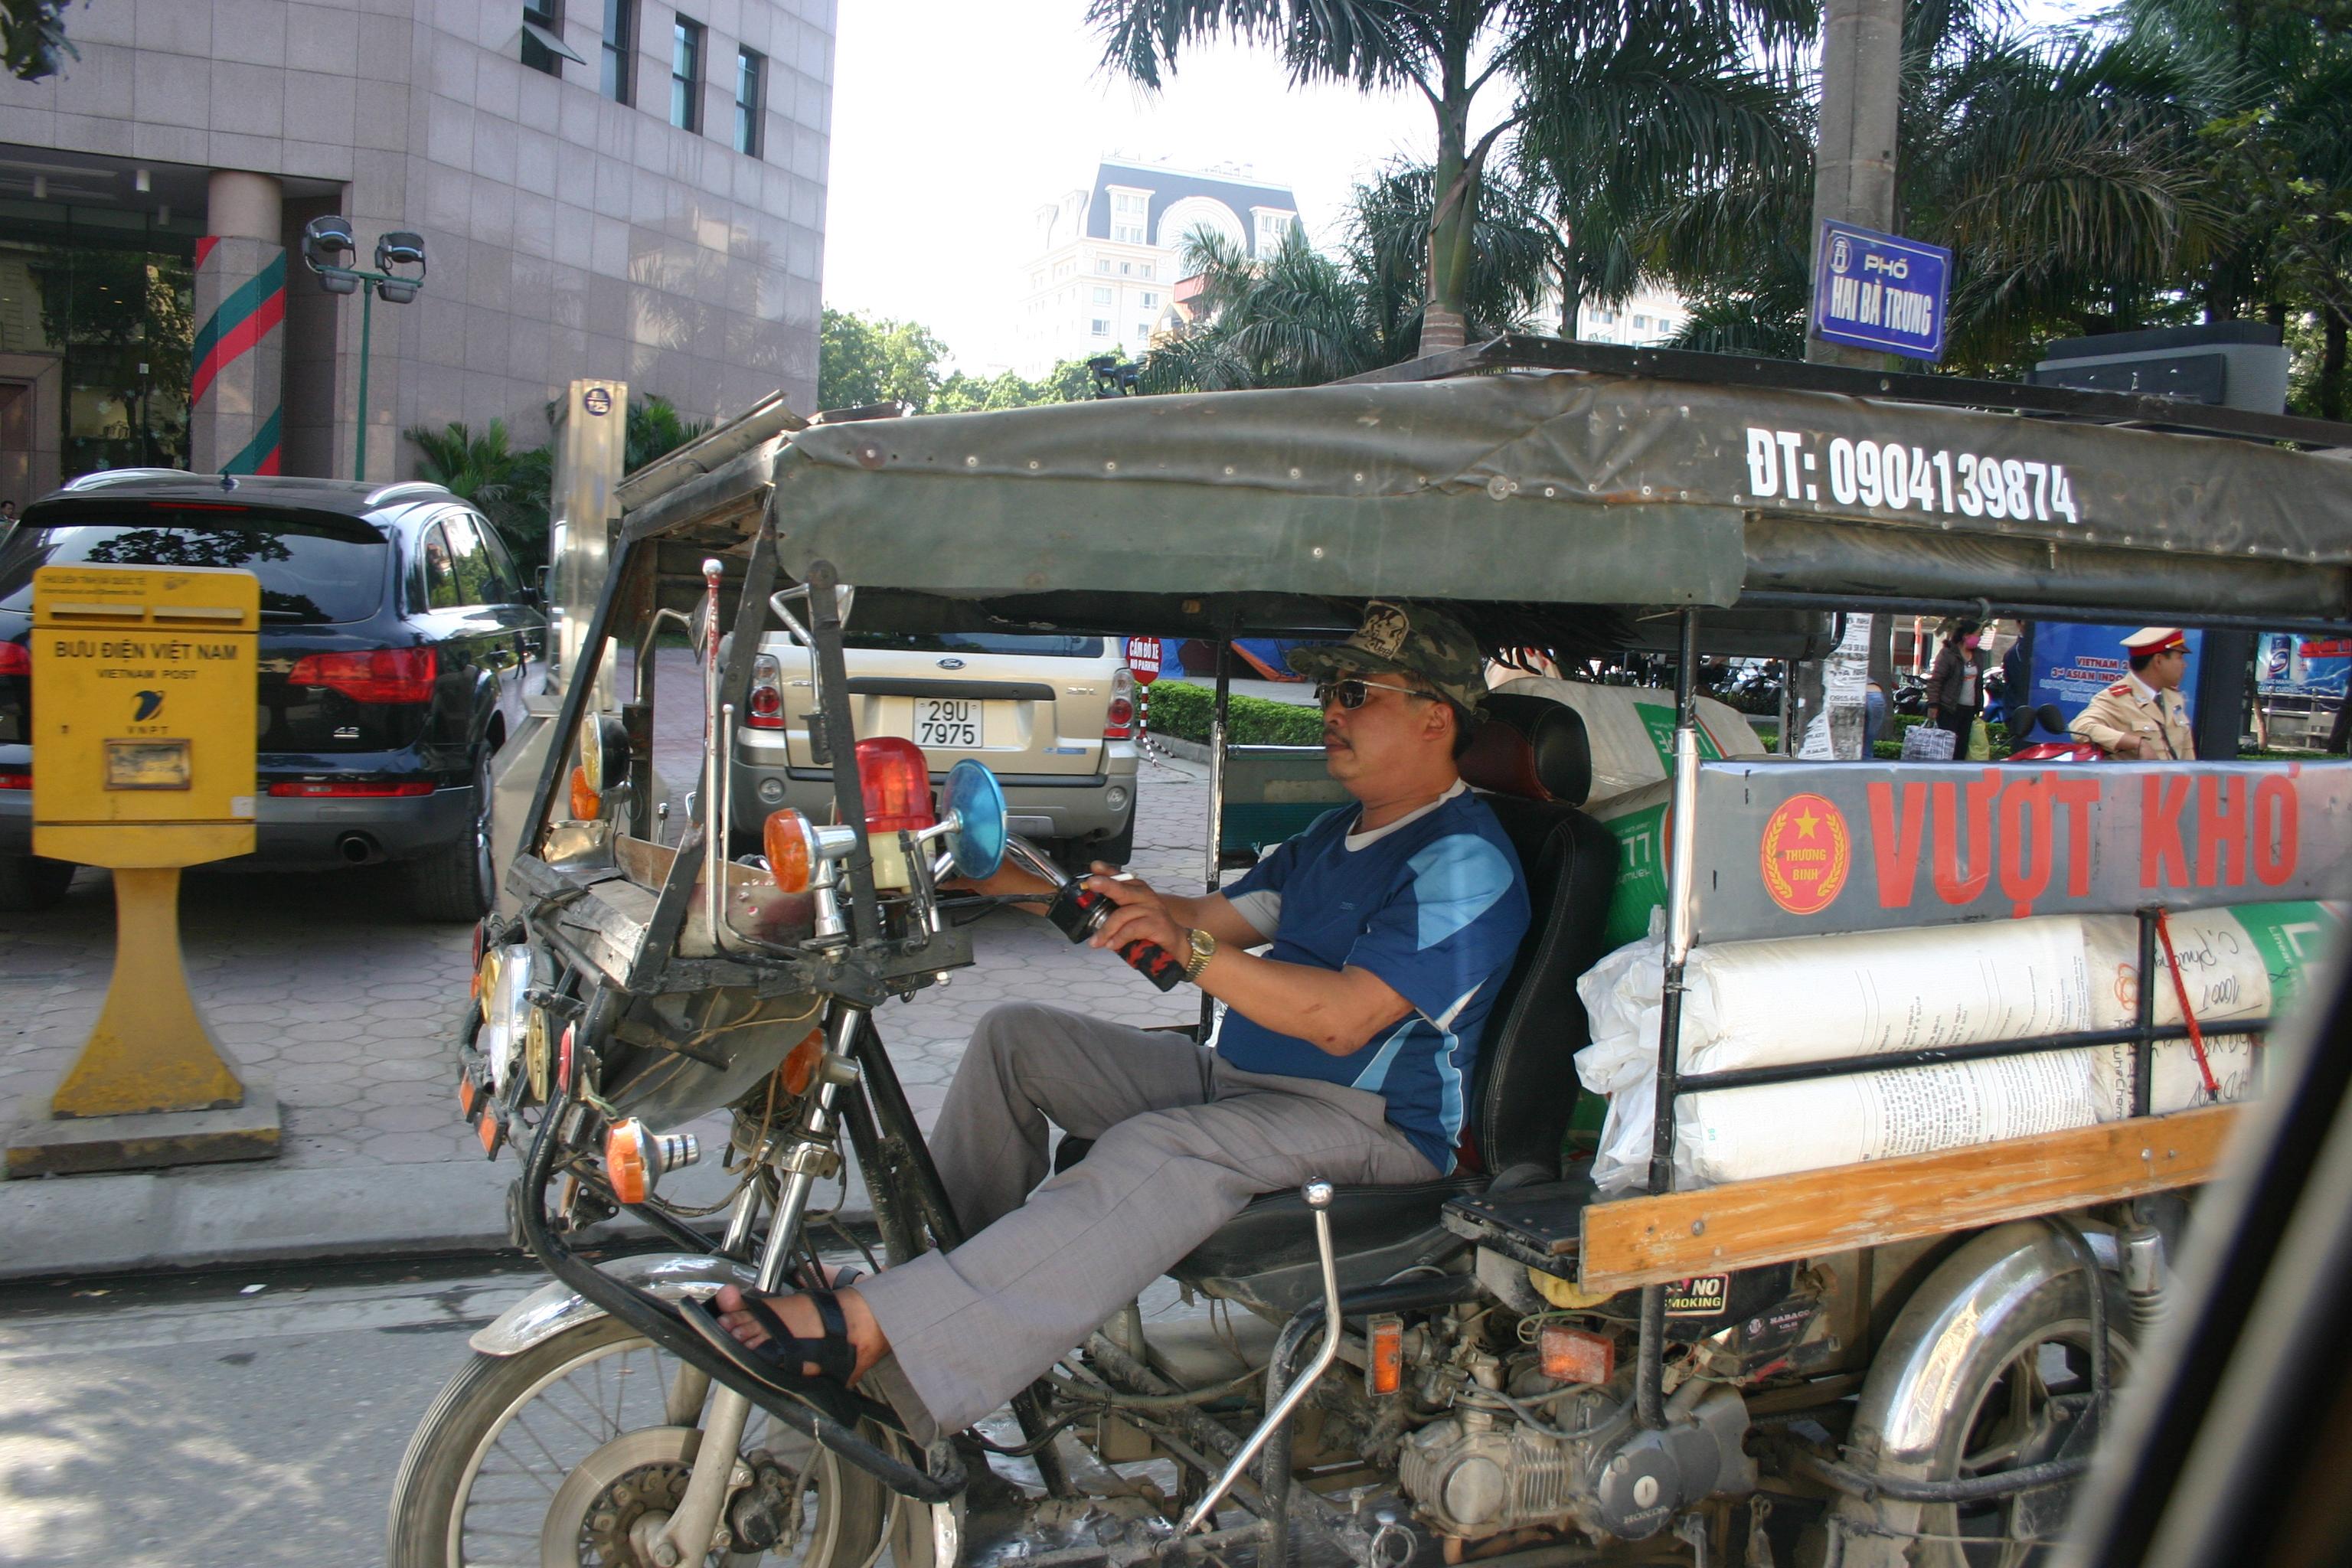 Transporter auf zwei Rädern, in Hanoi strampelt eine Fahrer in die Pedale seines Transportfahrrads